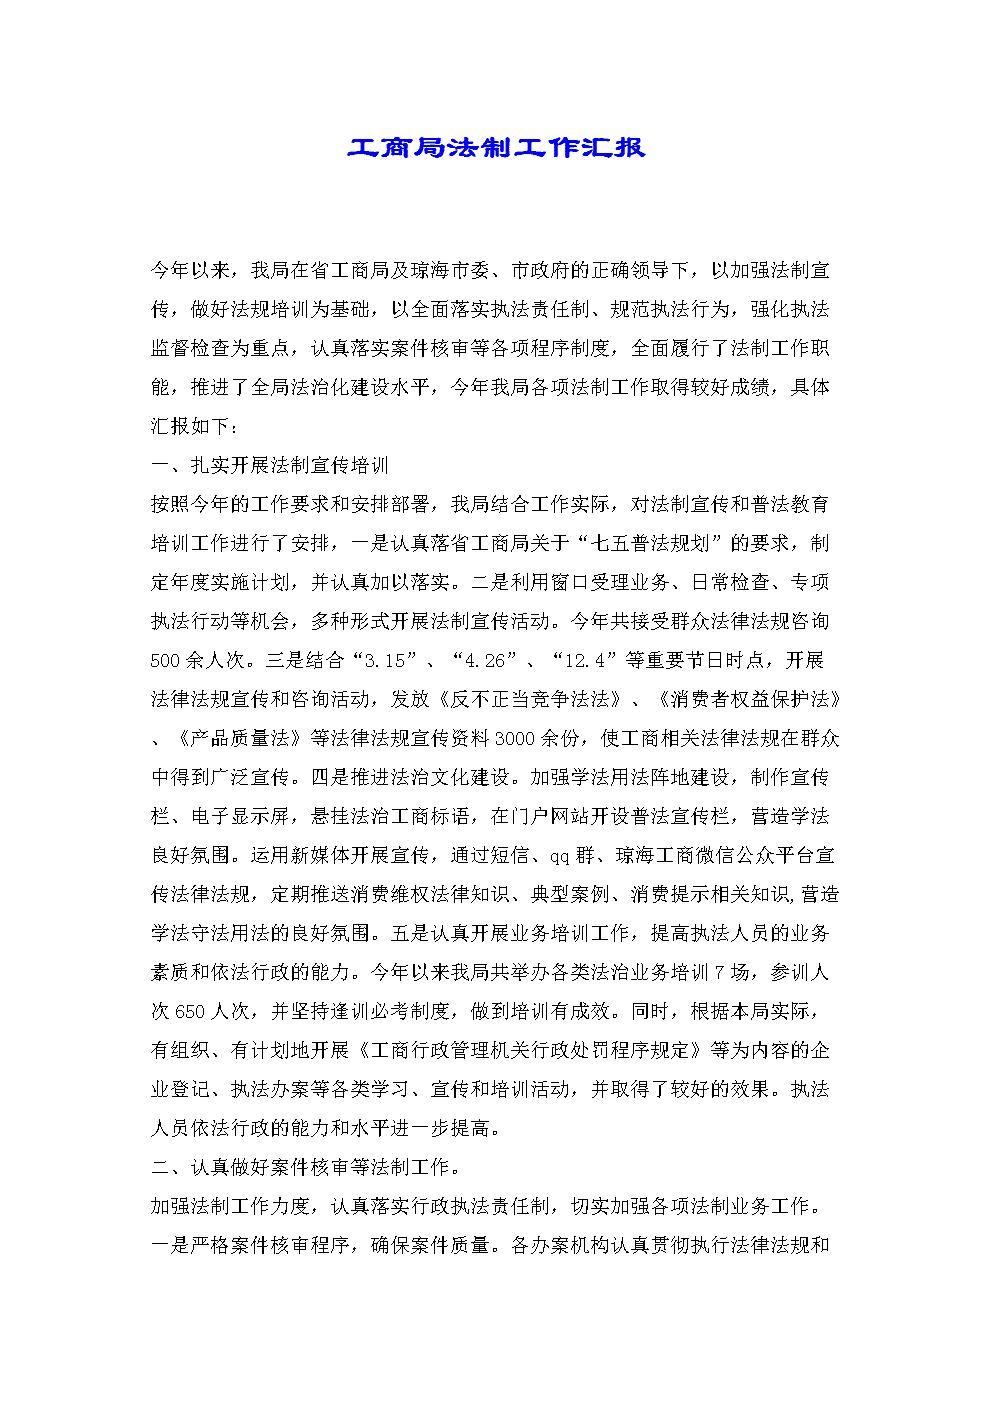 工商局法制工作汇报.docx